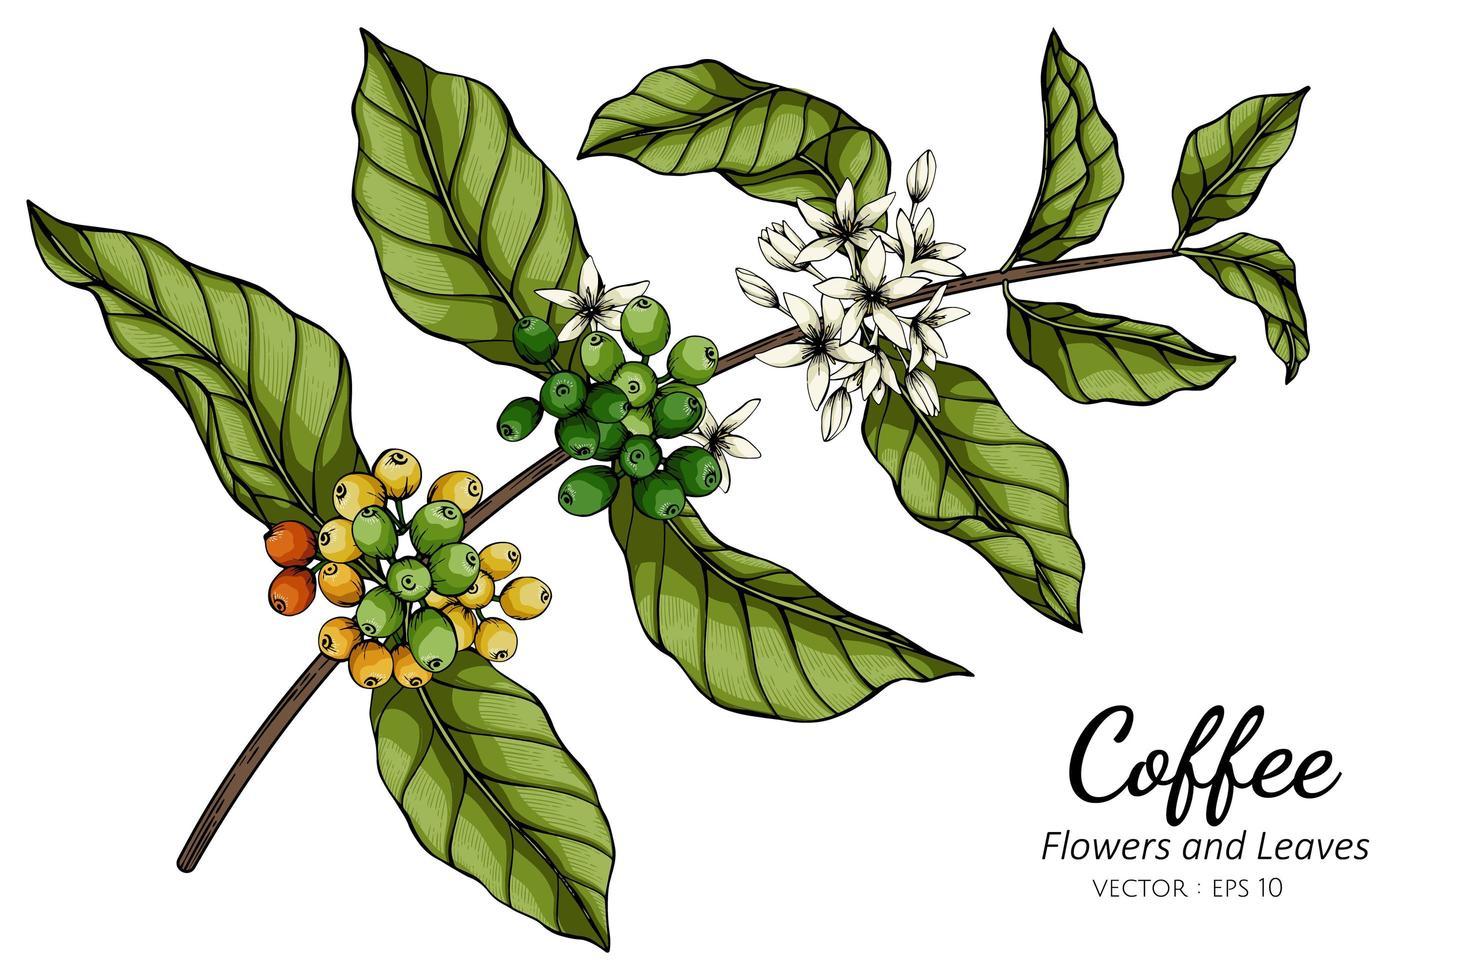 dessin de fleur et feuille de café vecteur